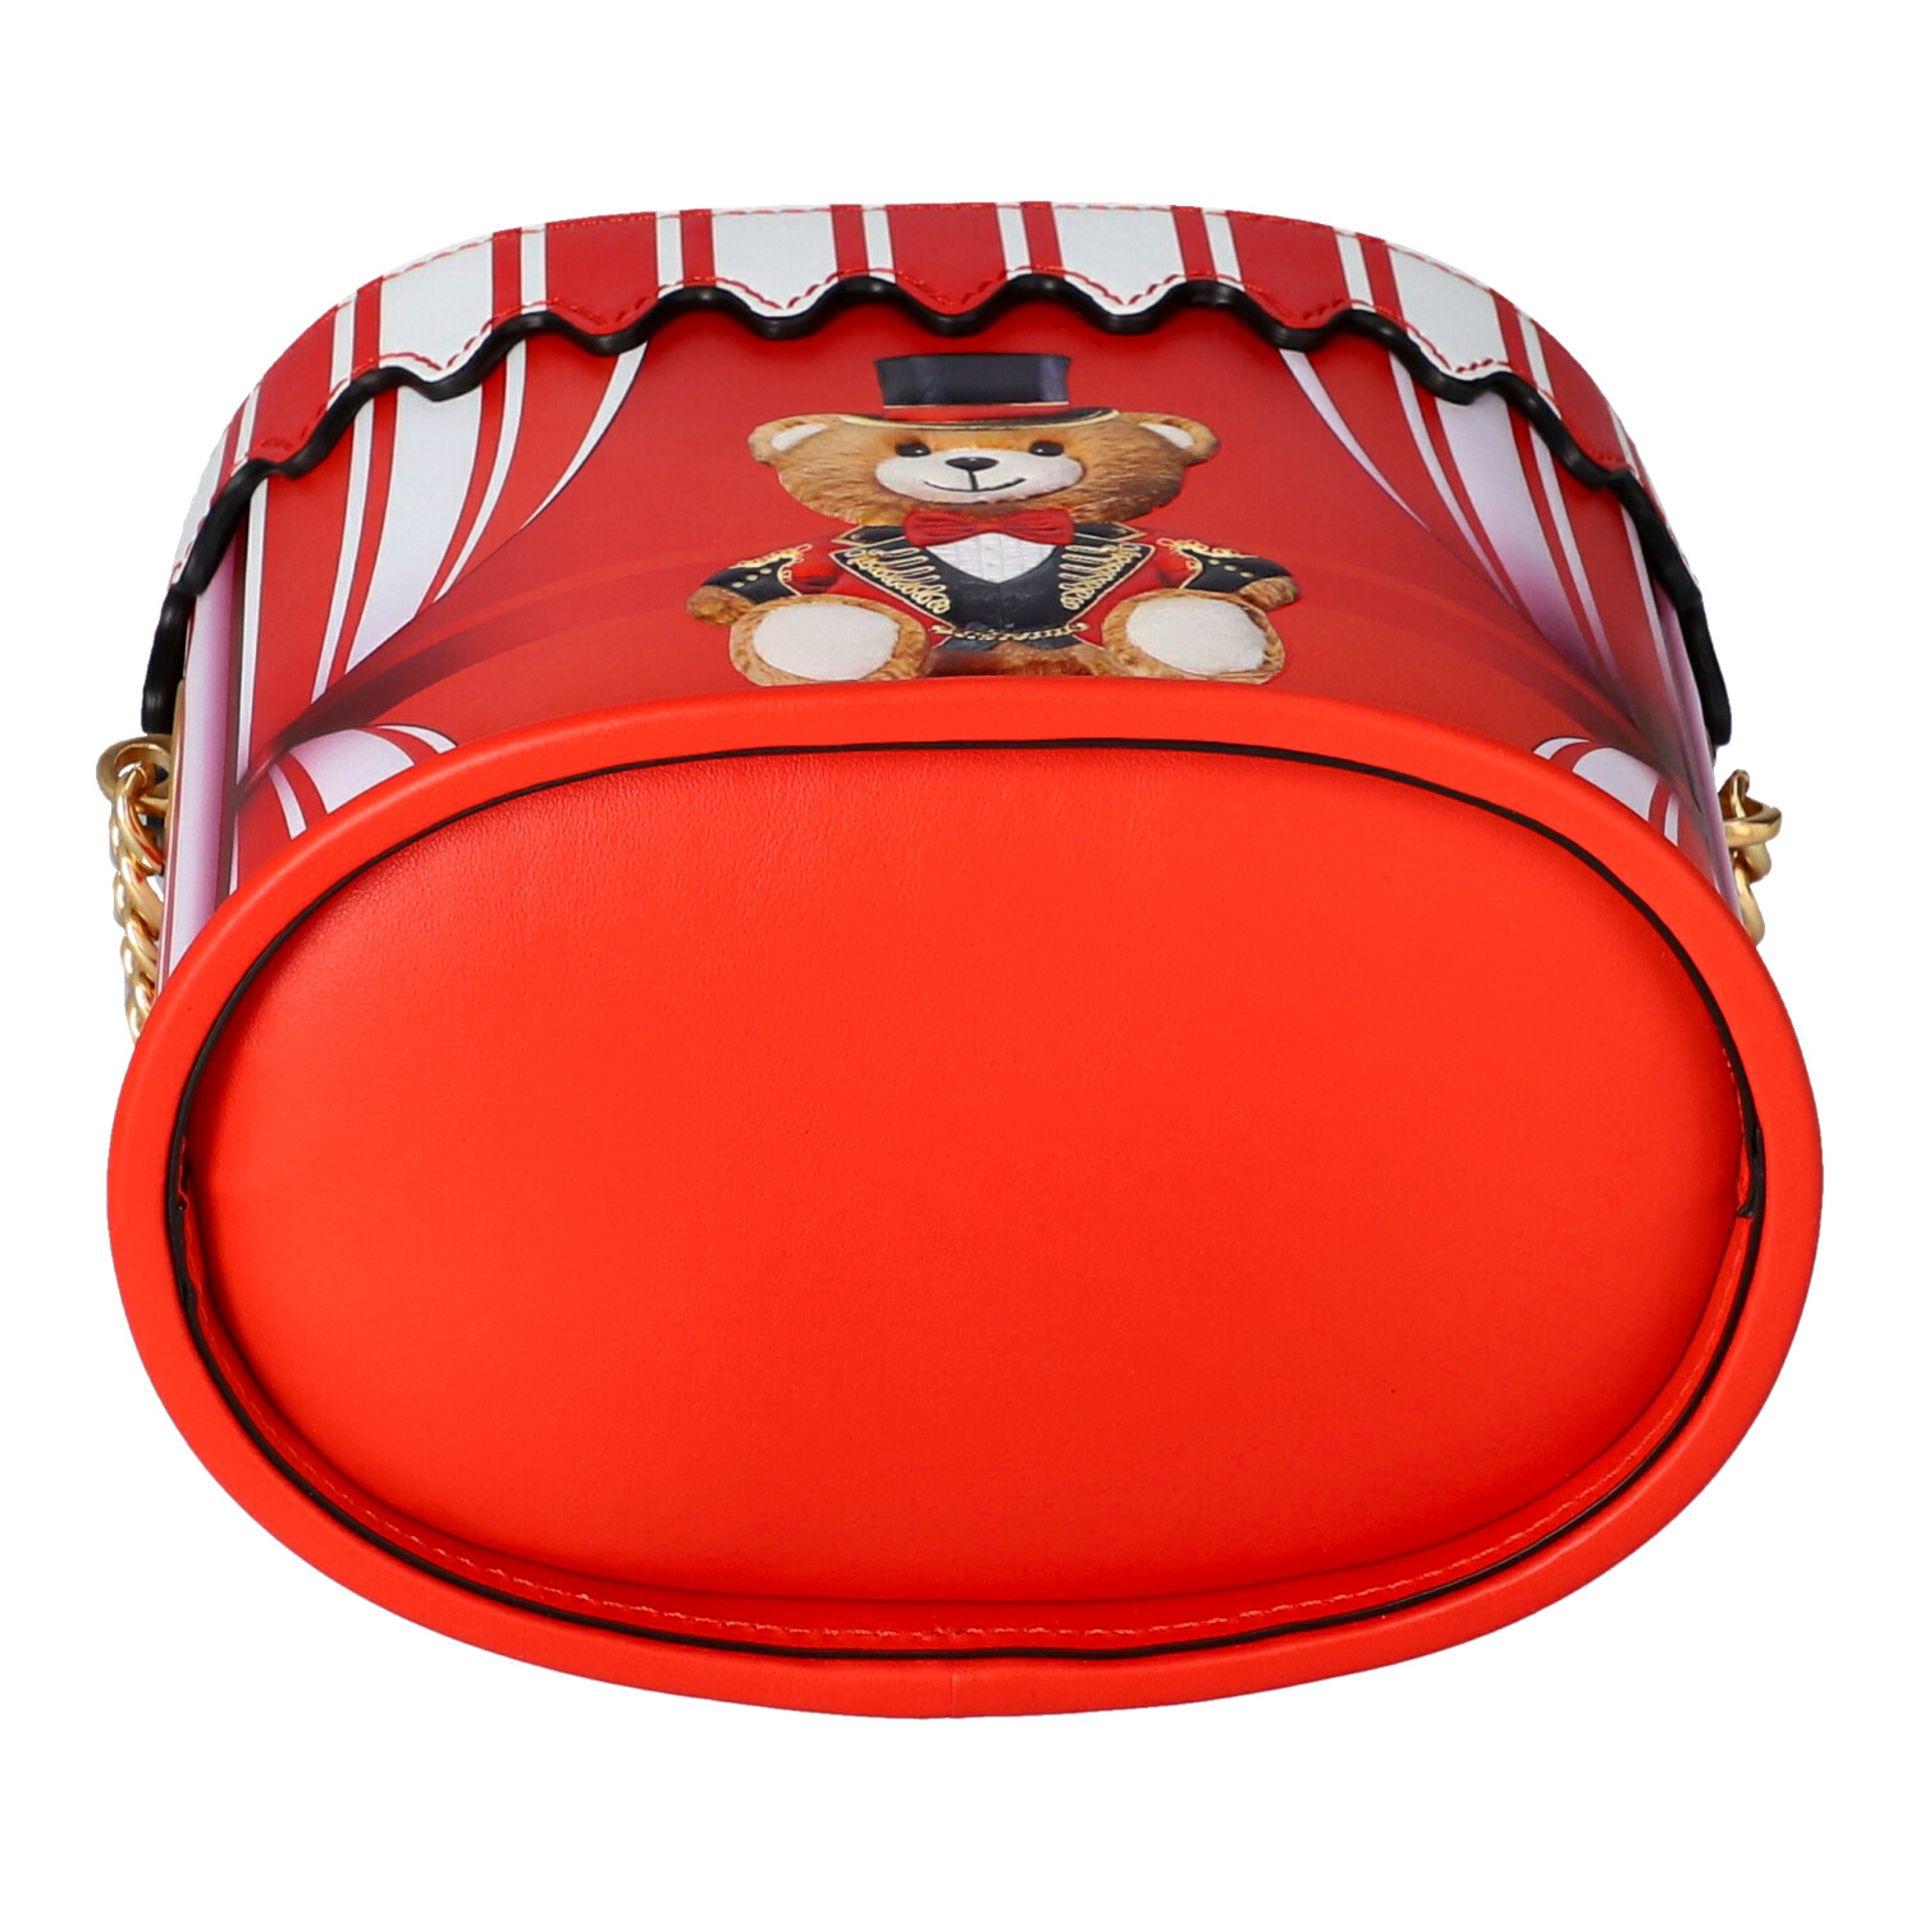 """MOSCHINO COUTURE Handtasche """"CIRCUS BAG"""", NP.: 1.100,-€. Kalbsleder in Zirkus-Zelt-D - Image 5 of 7"""